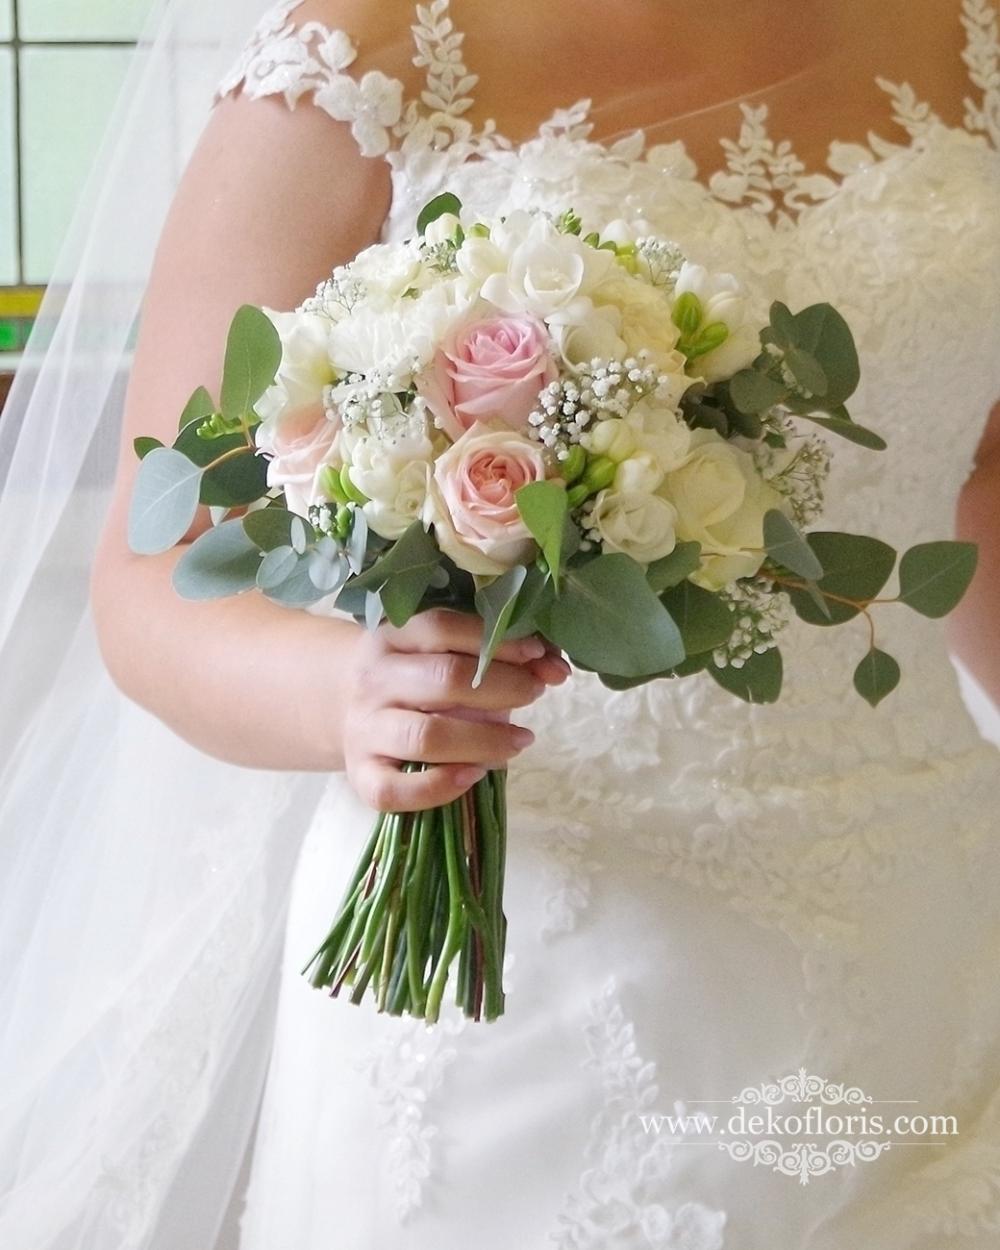 Wymarzony Bukiet Slubny Panny Mlodej W Kolorze Pudrowego Rozu Z Biela Flower Girl Dresses Flower Girl Wedding Dresses